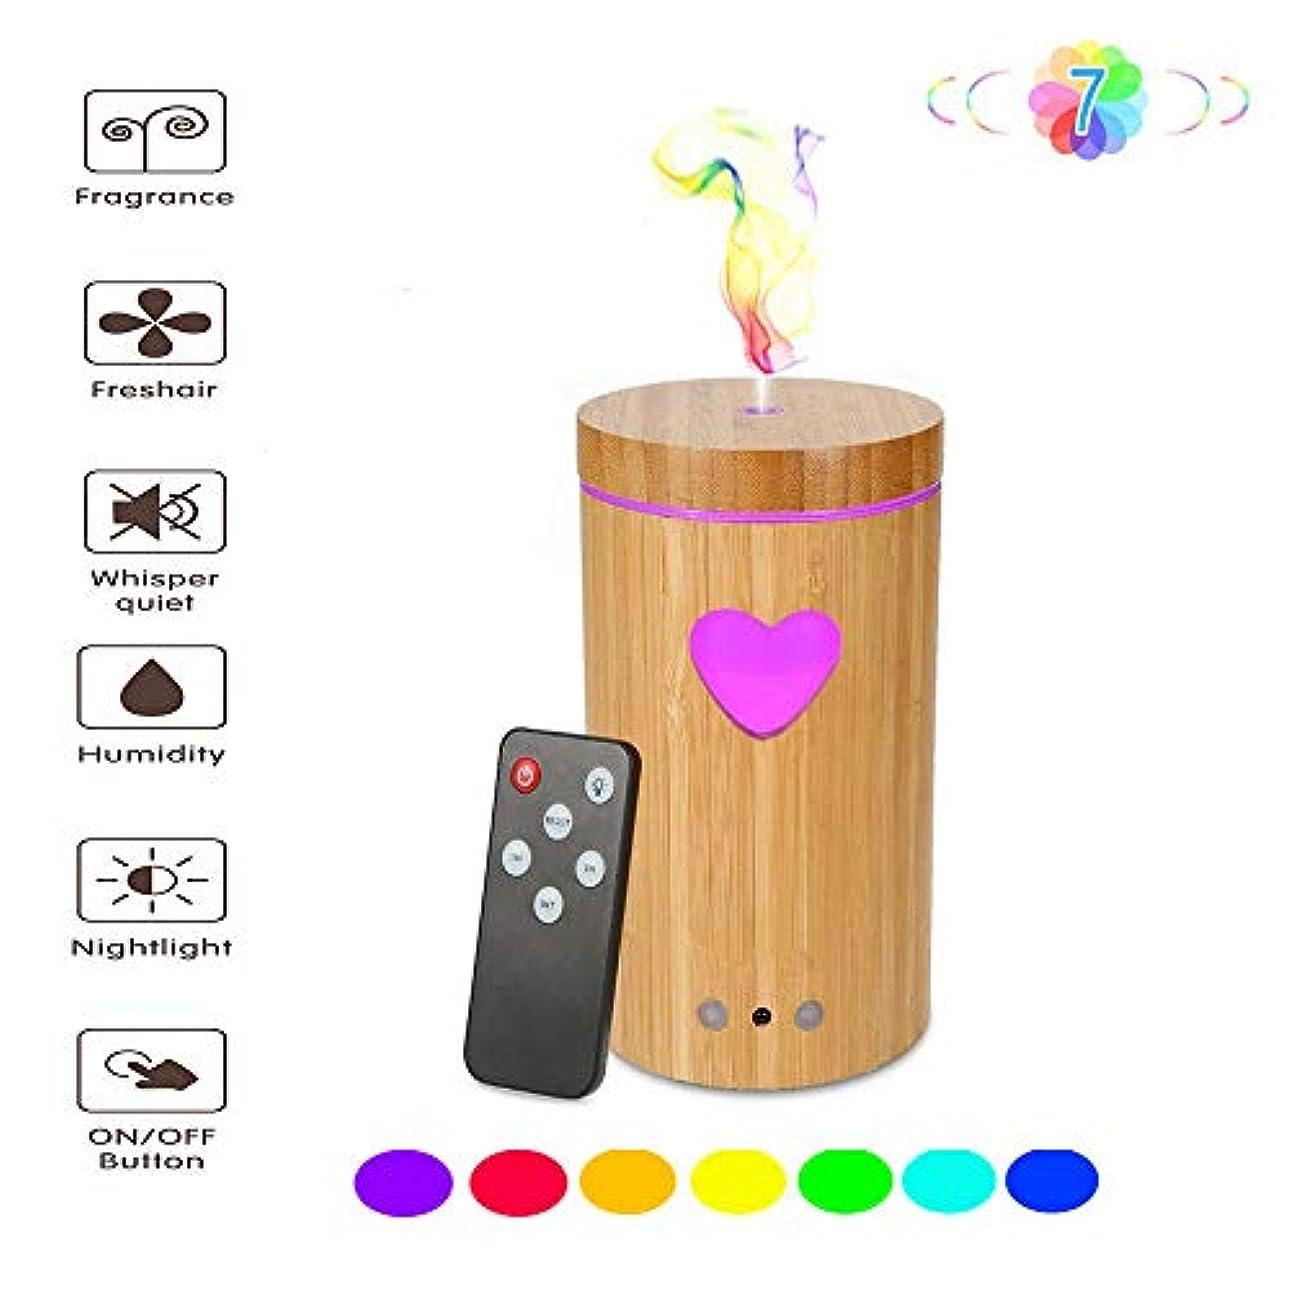 肘掛け椅子キャンベラスチュアート島エッセンシャルオイルディフューザー、超音波アロマディフューザーコールドミスト加湿器、リモコン付き7色ナイトライト2タイマーセット自動水閉(木目)